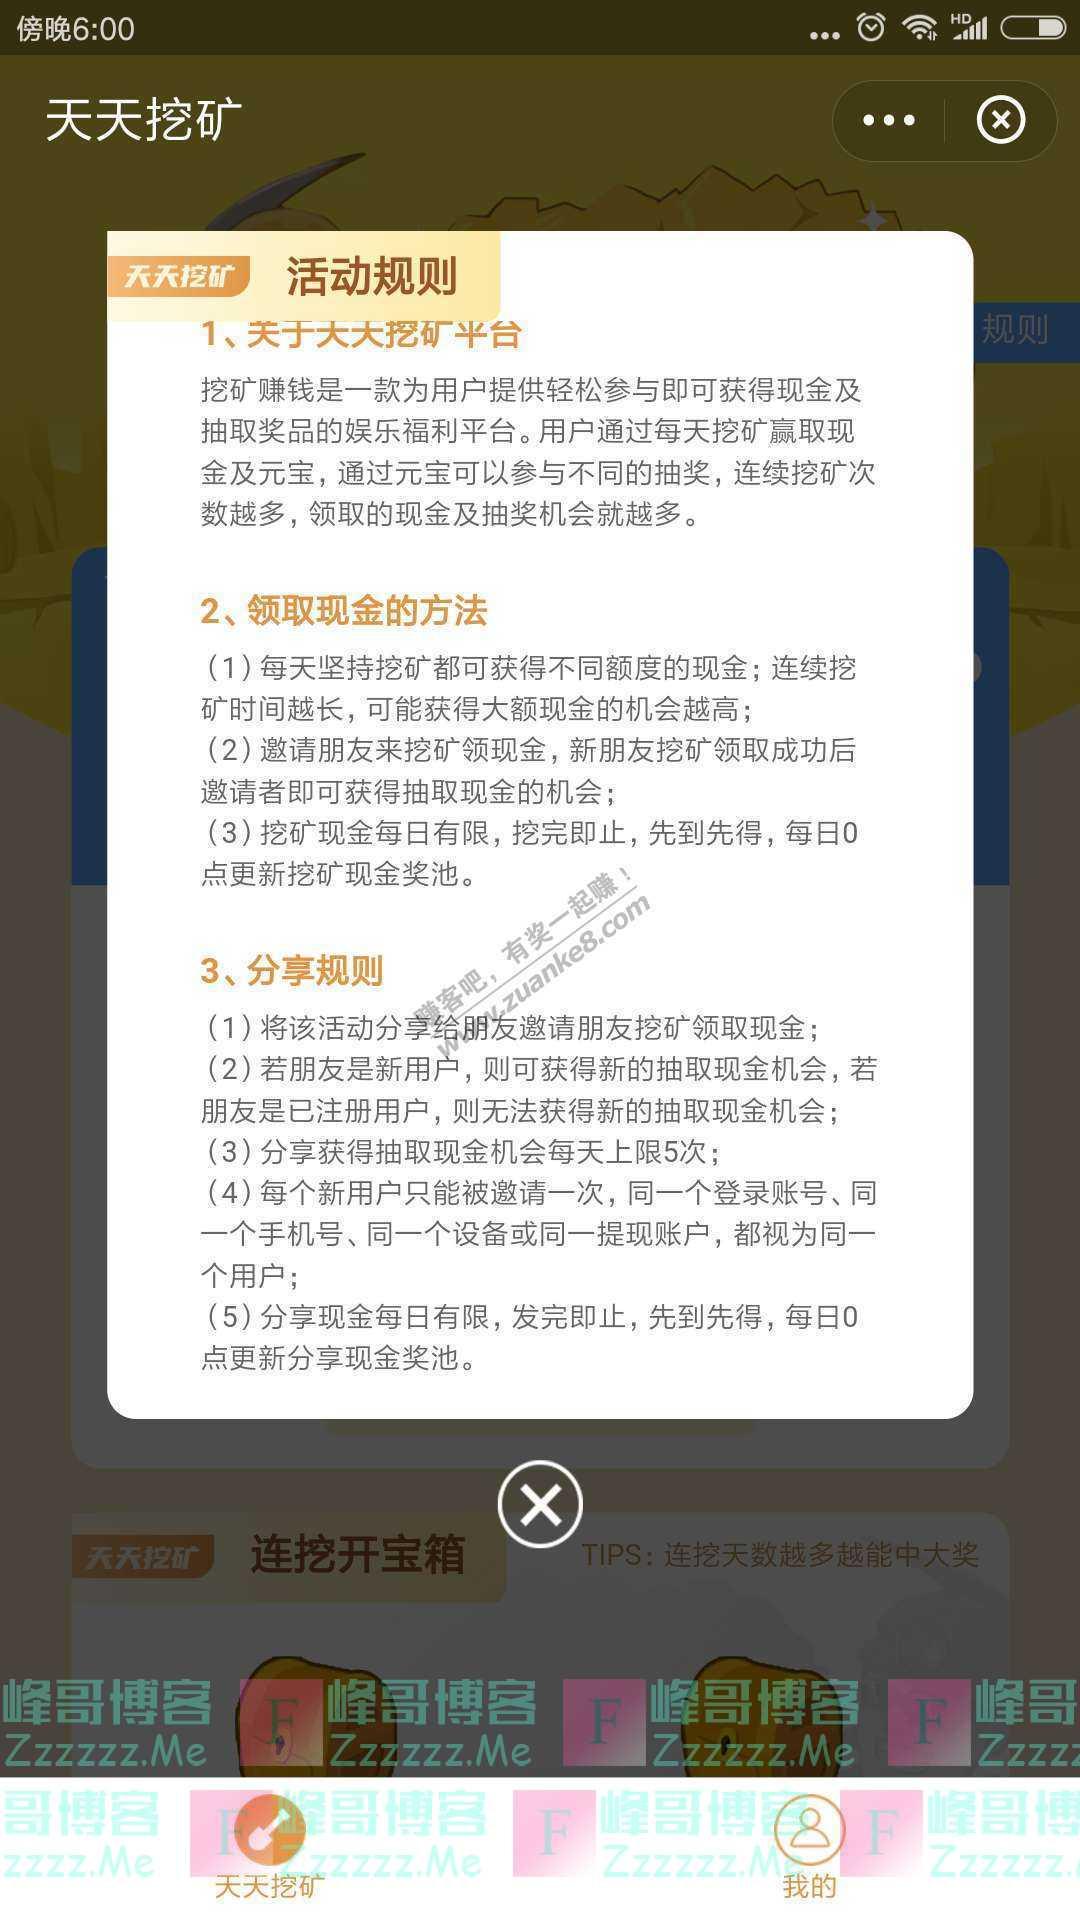 支付宝app天天挖金矿抽红包(截止不详)